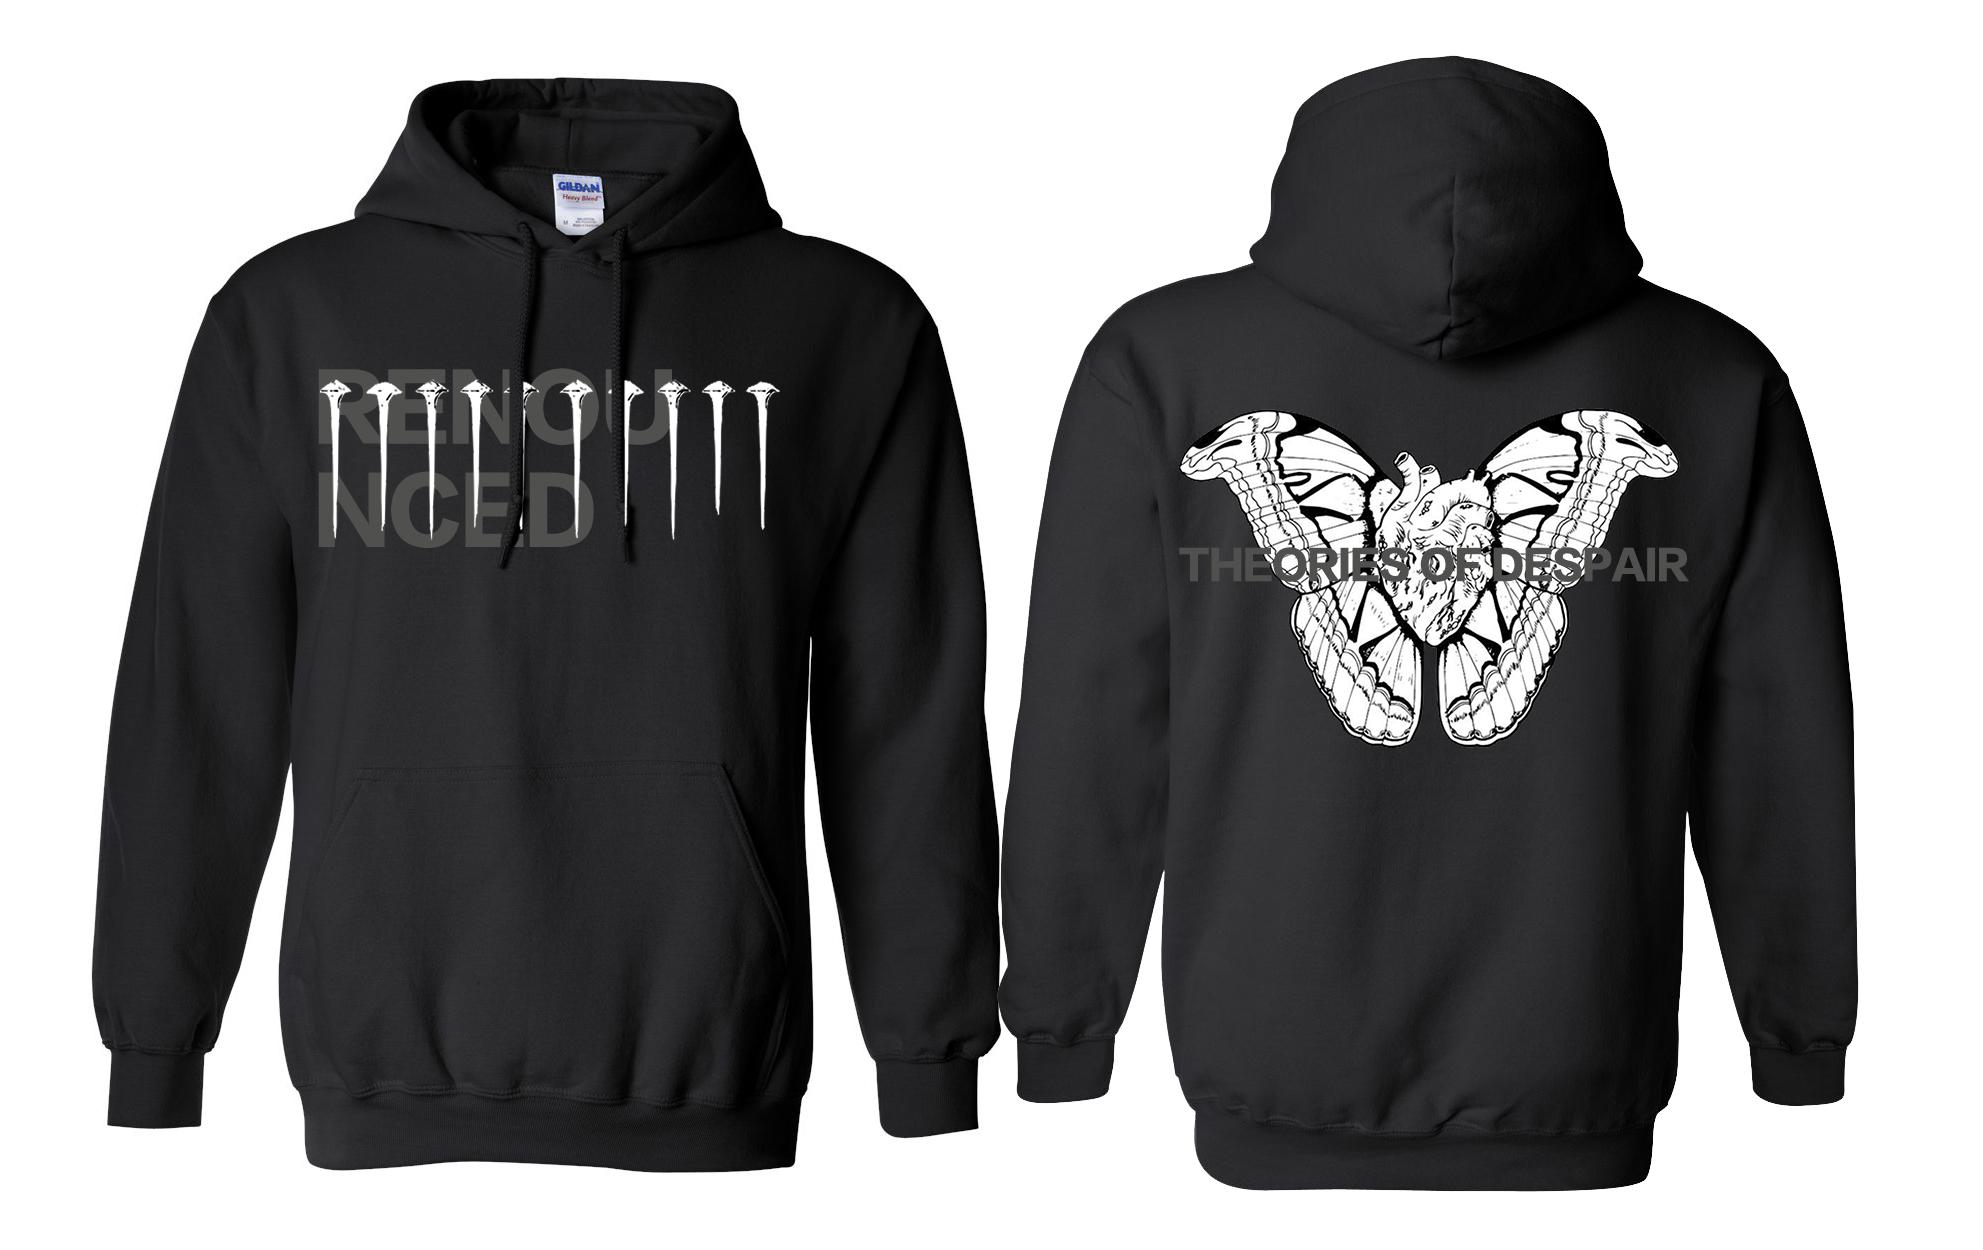 Renounced - Theories Of Despair hoodie PREORDER